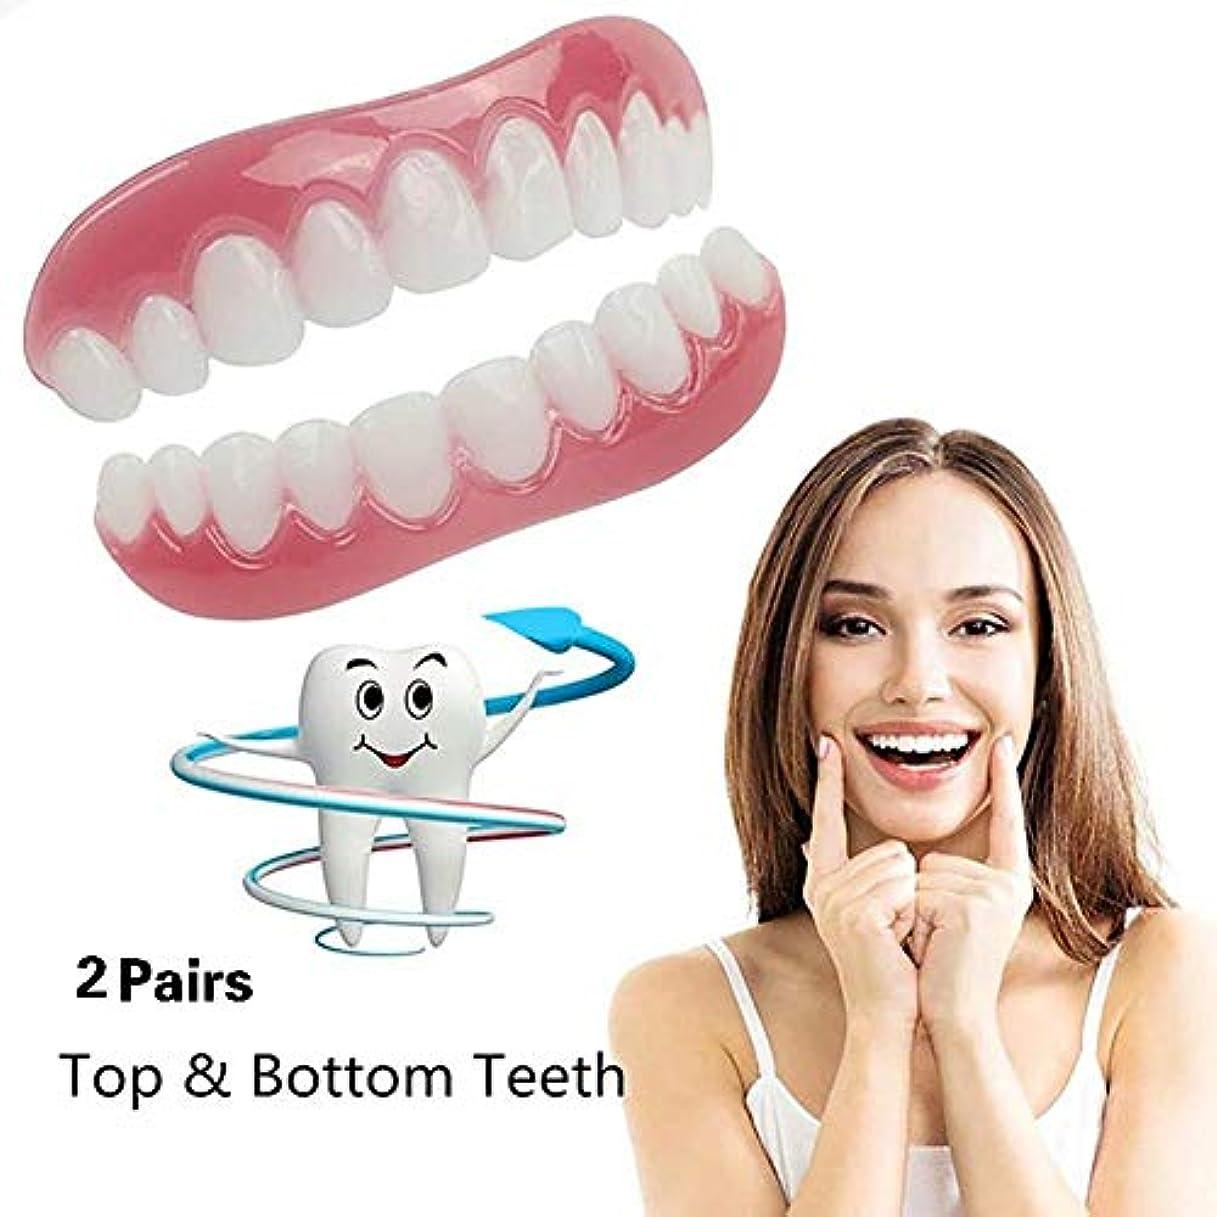 裁判所つづり社会主義者のシリコーンの歯のベニヤの歯の快適さのフィットフレックス化粧品の歯義歯の歯のトップとボトム化粧品のベニヤのシミュレーションのブレースワンサイズフィットすべて